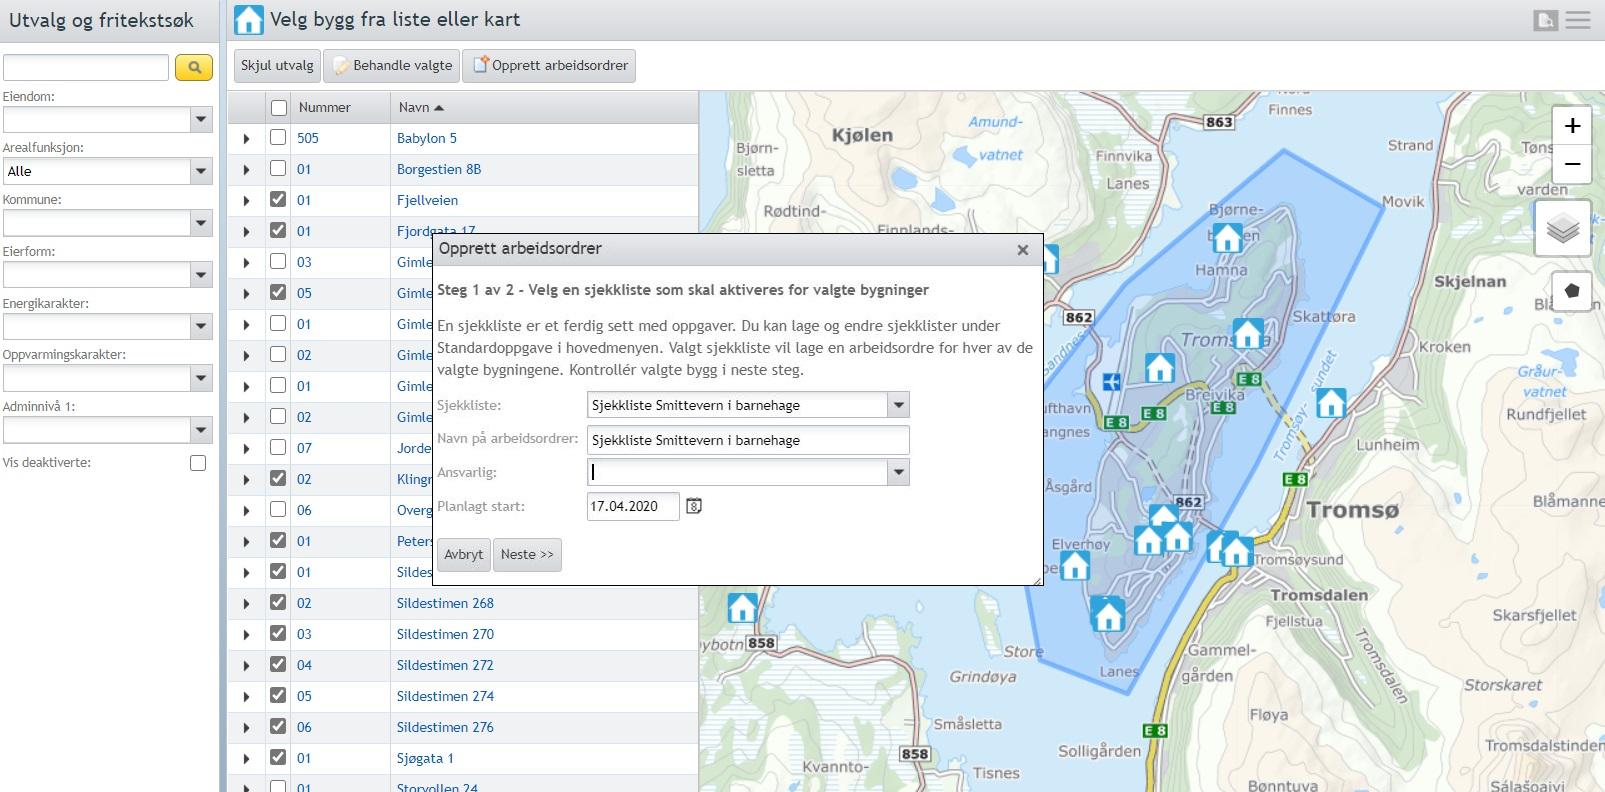 Skjermbilde fra Facilit FDVU som viser bygningslista med valgte byg i kartvisning, med dialogvindu for å sende arbeidsordre for valgte bygg.